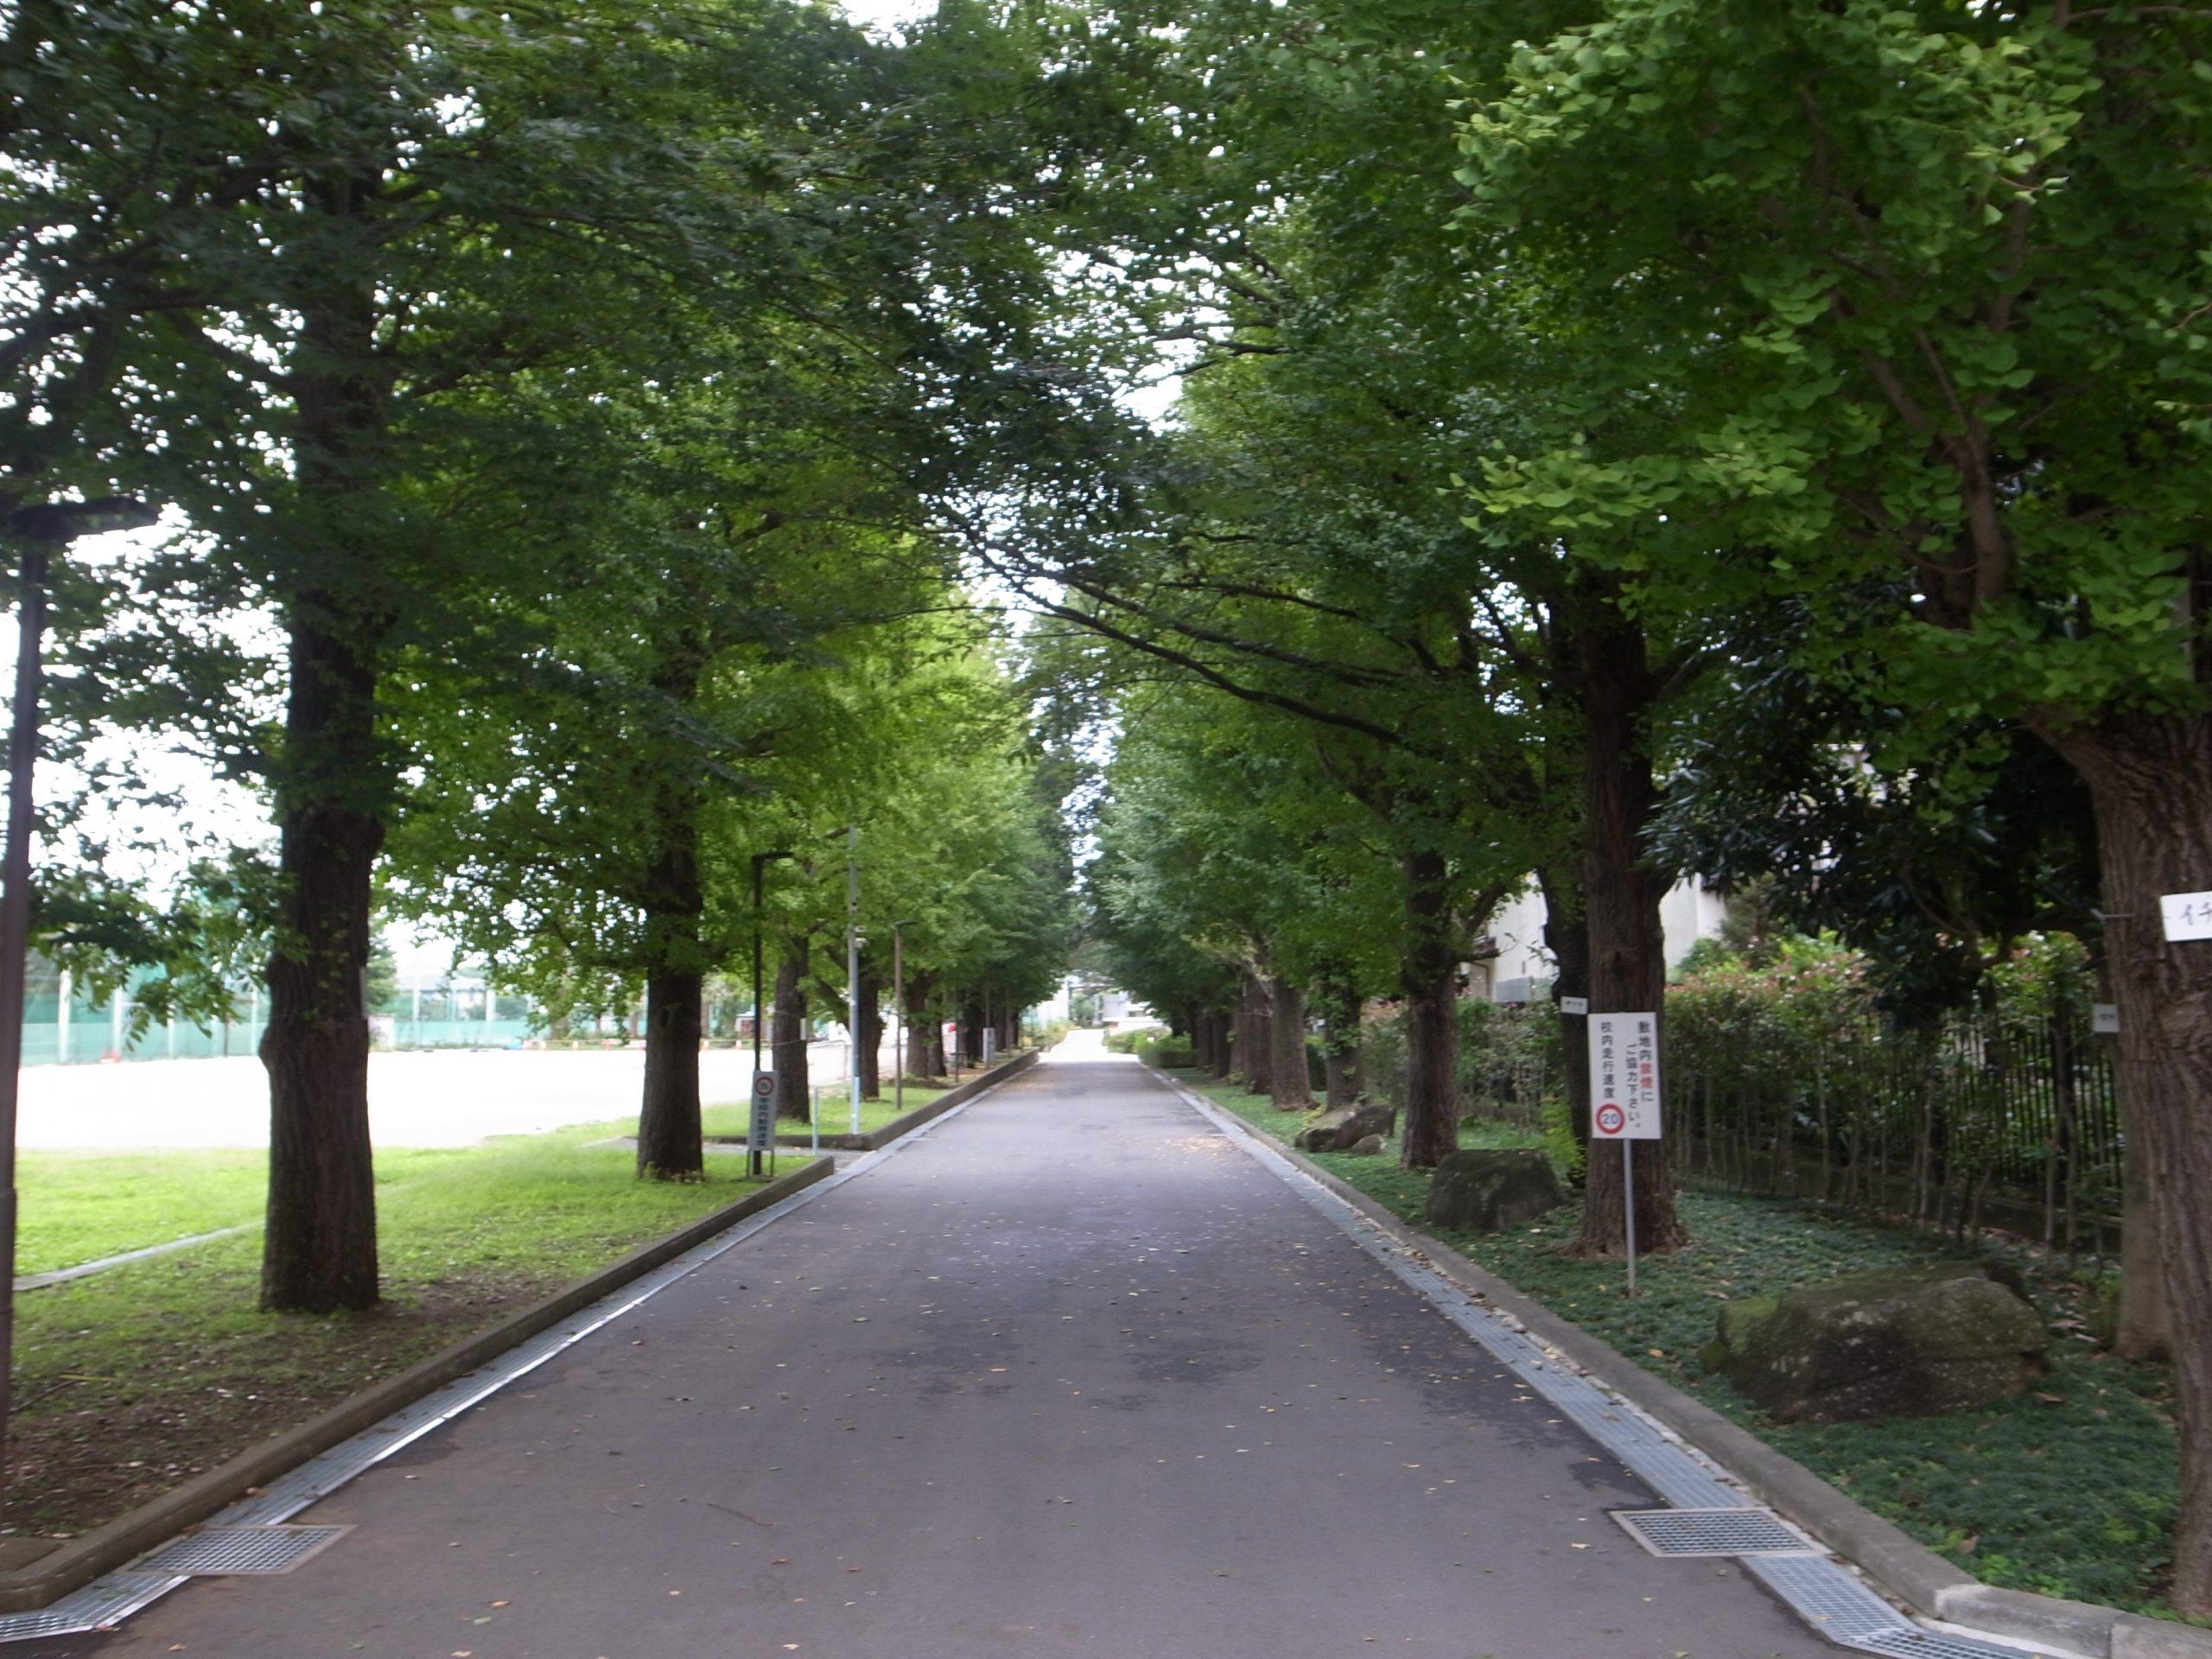 秋の通学路銀杏の葉は緑だがギンナンが落ち始めた